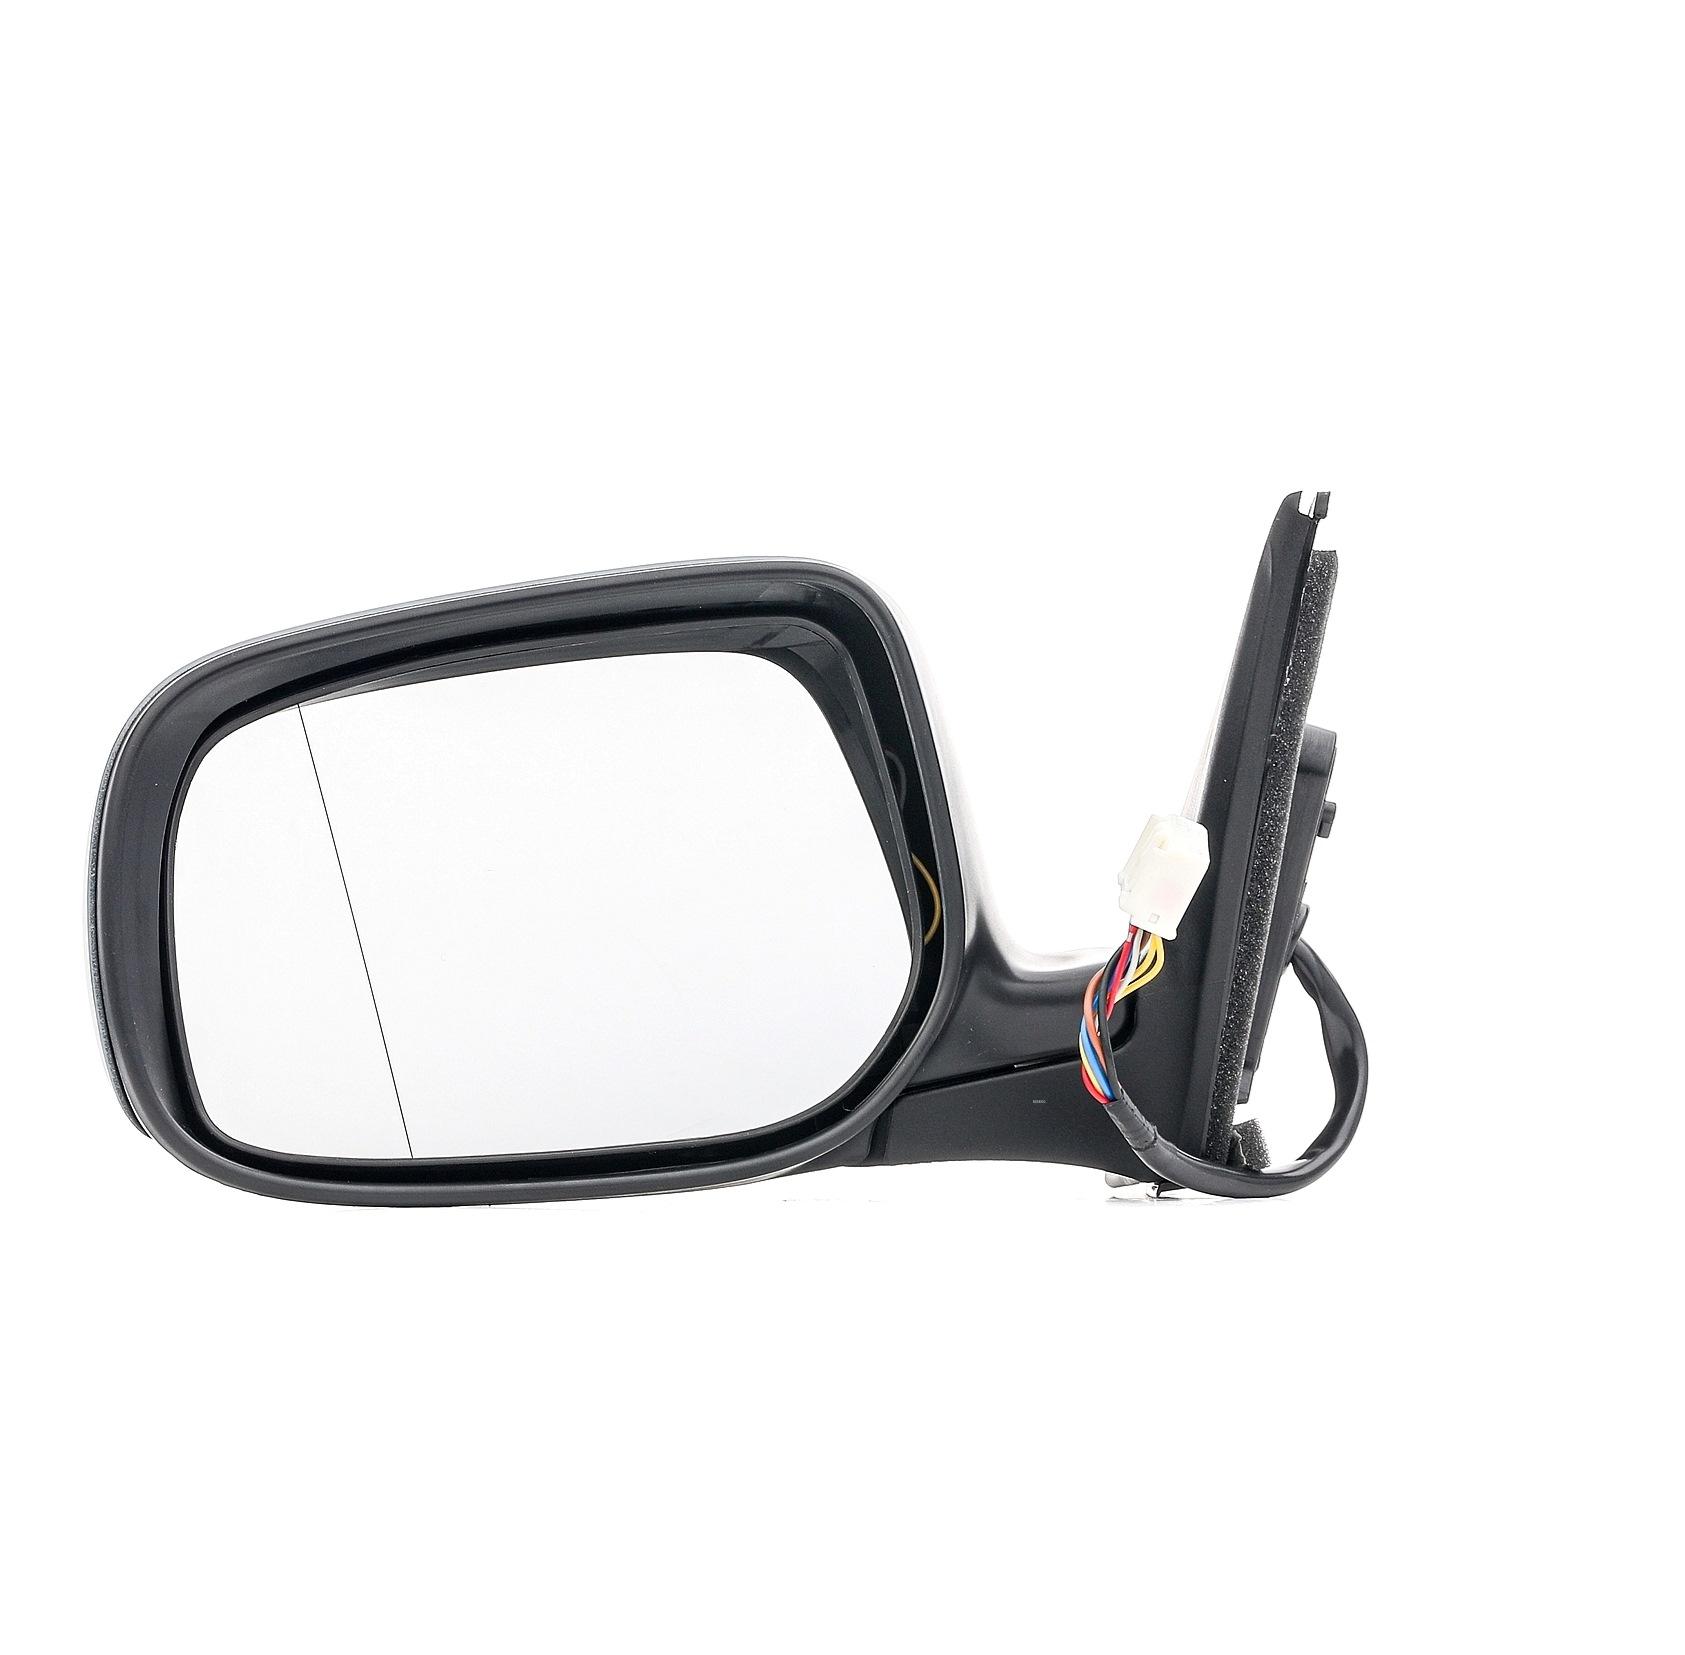 Rear View Mirror RIDEX 50O0417 rating